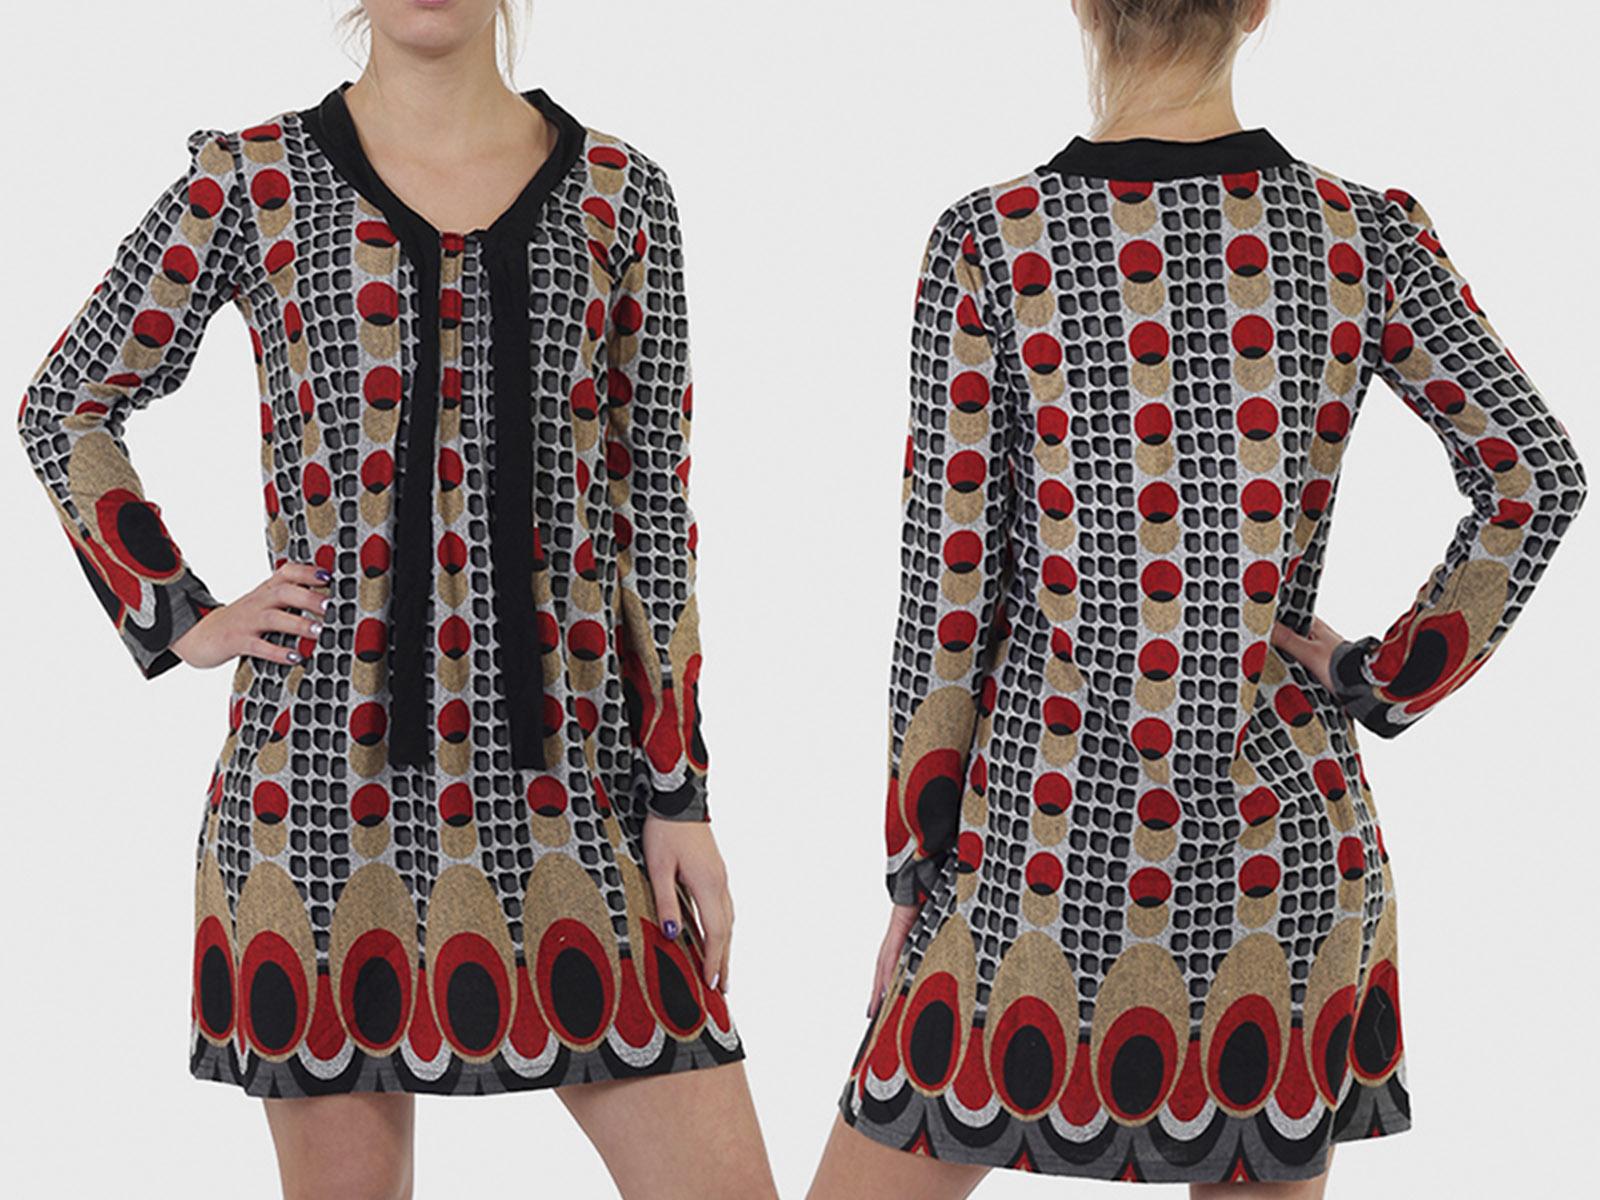 Особенное женское платье от французских дизайнеров из DEFIMODE.